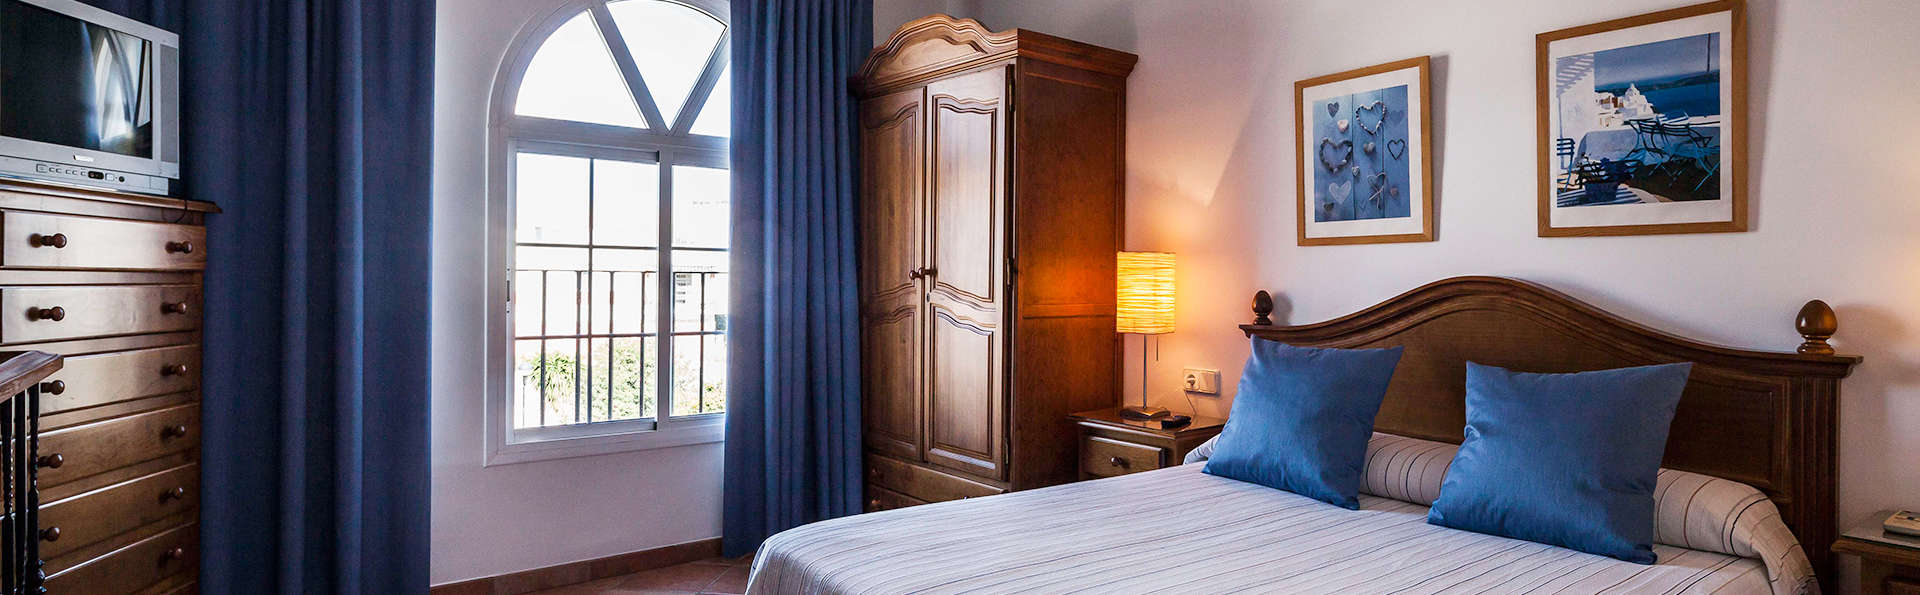 Hotel El Molino de Osuna - EDIT_room1.jpg